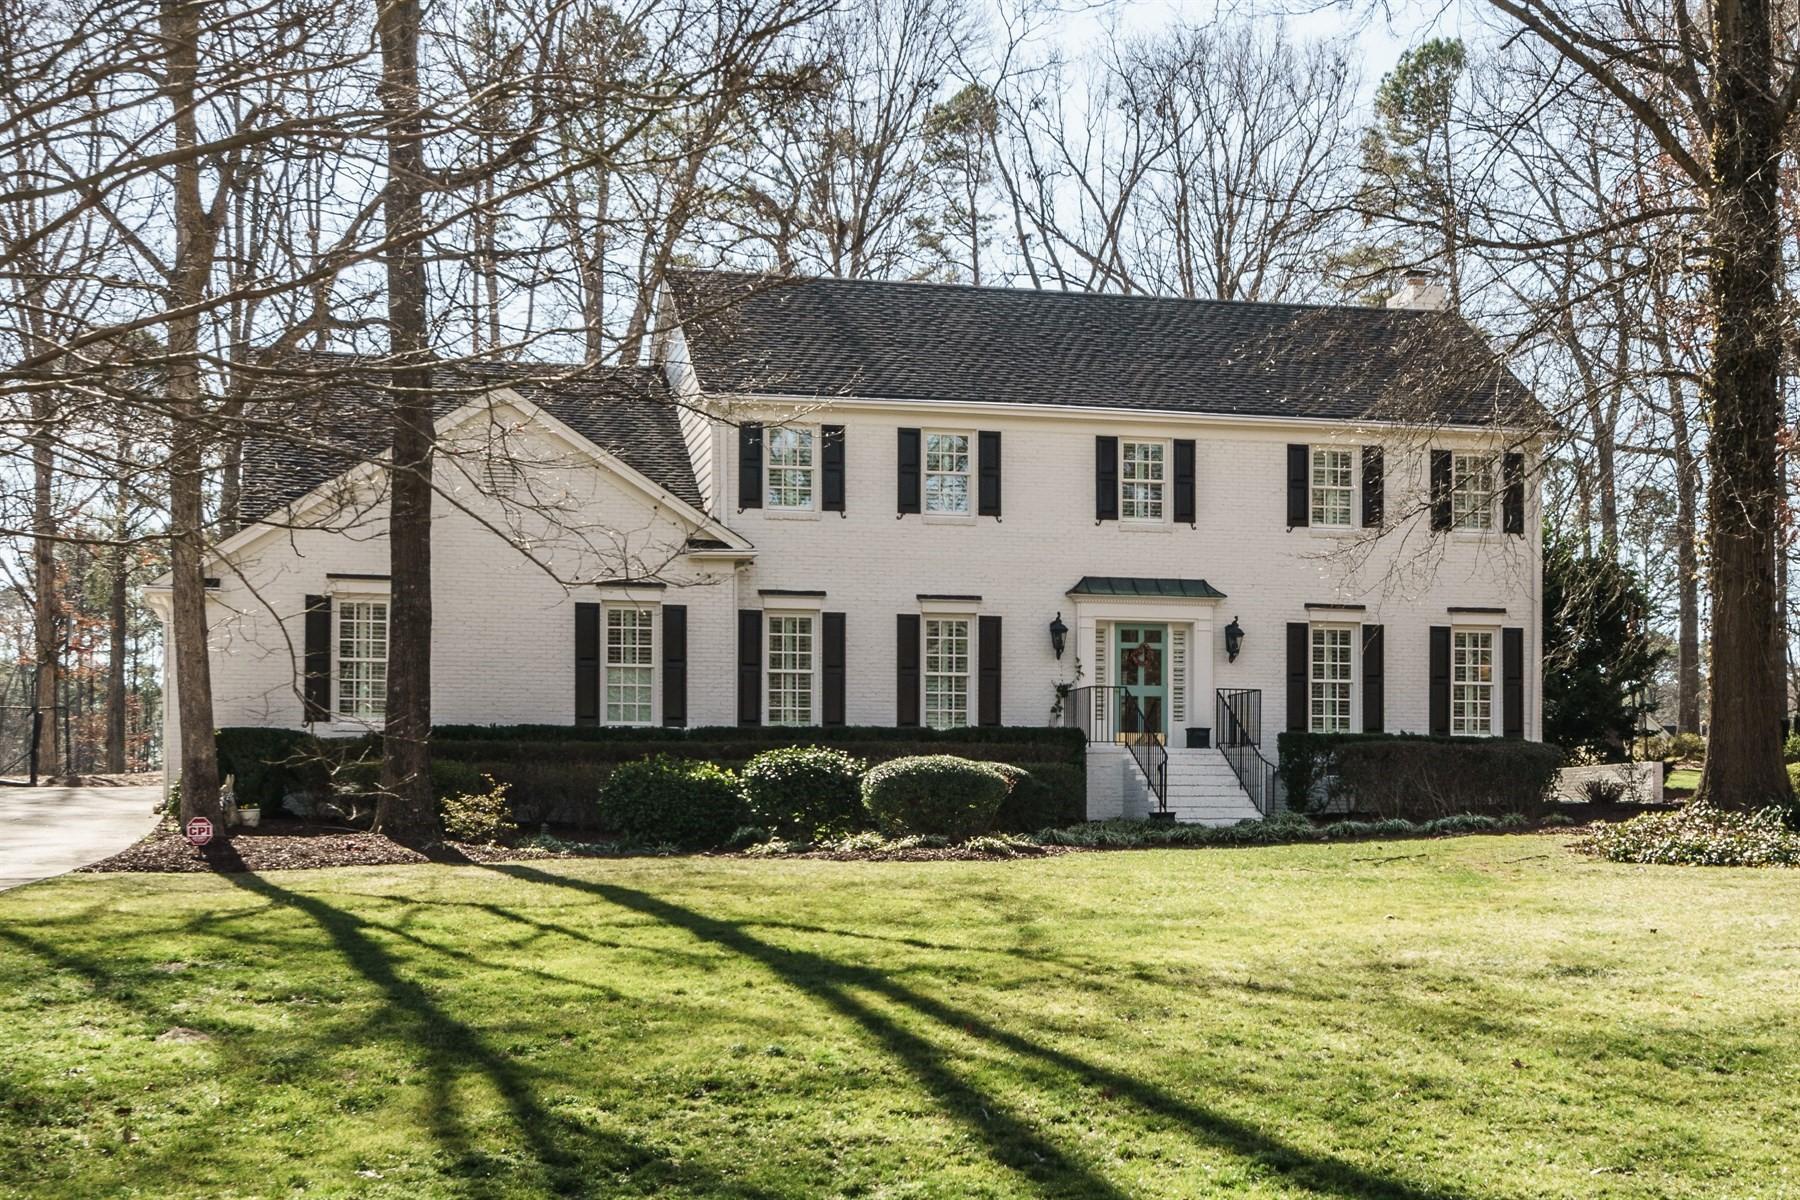 단독 가정 주택 용 매매 에 North Ridge Estate 7116 North Ridge Drive Raleigh, 노스캐놀라이나, 27615 미국에서/약: Cary, Durham, Chapel Hill